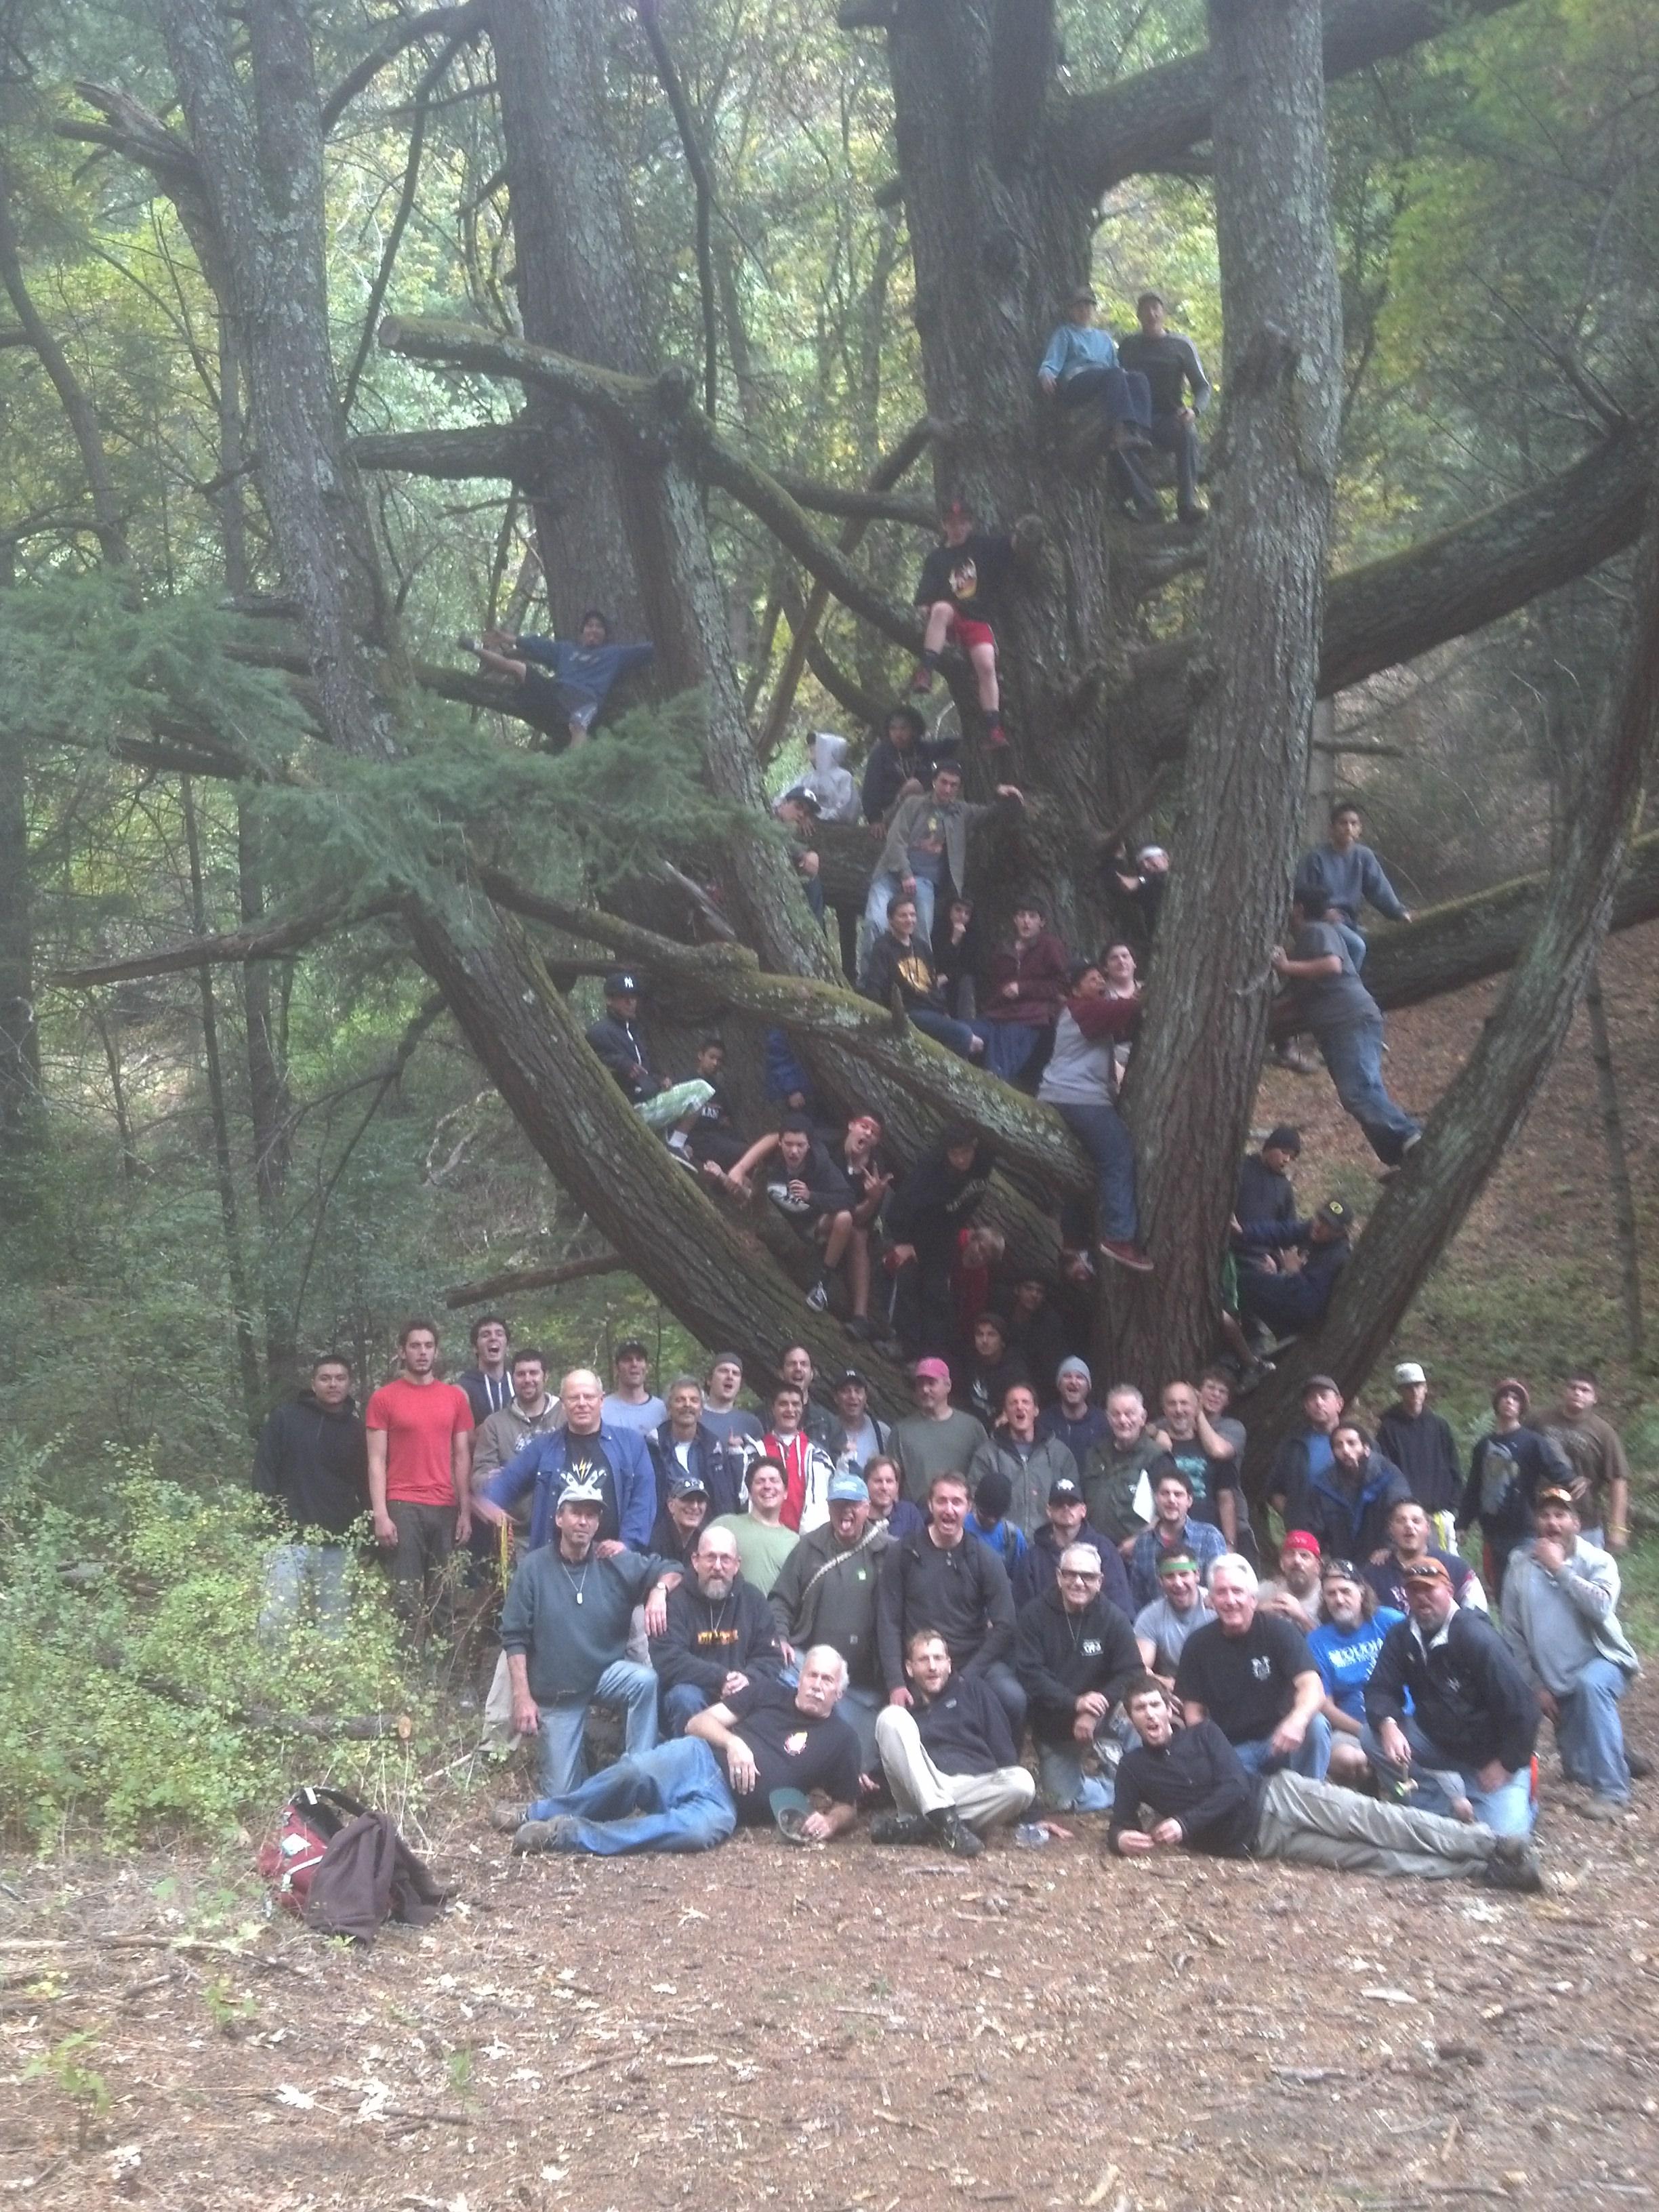 Volunteers & Young Men in Tree - 2013